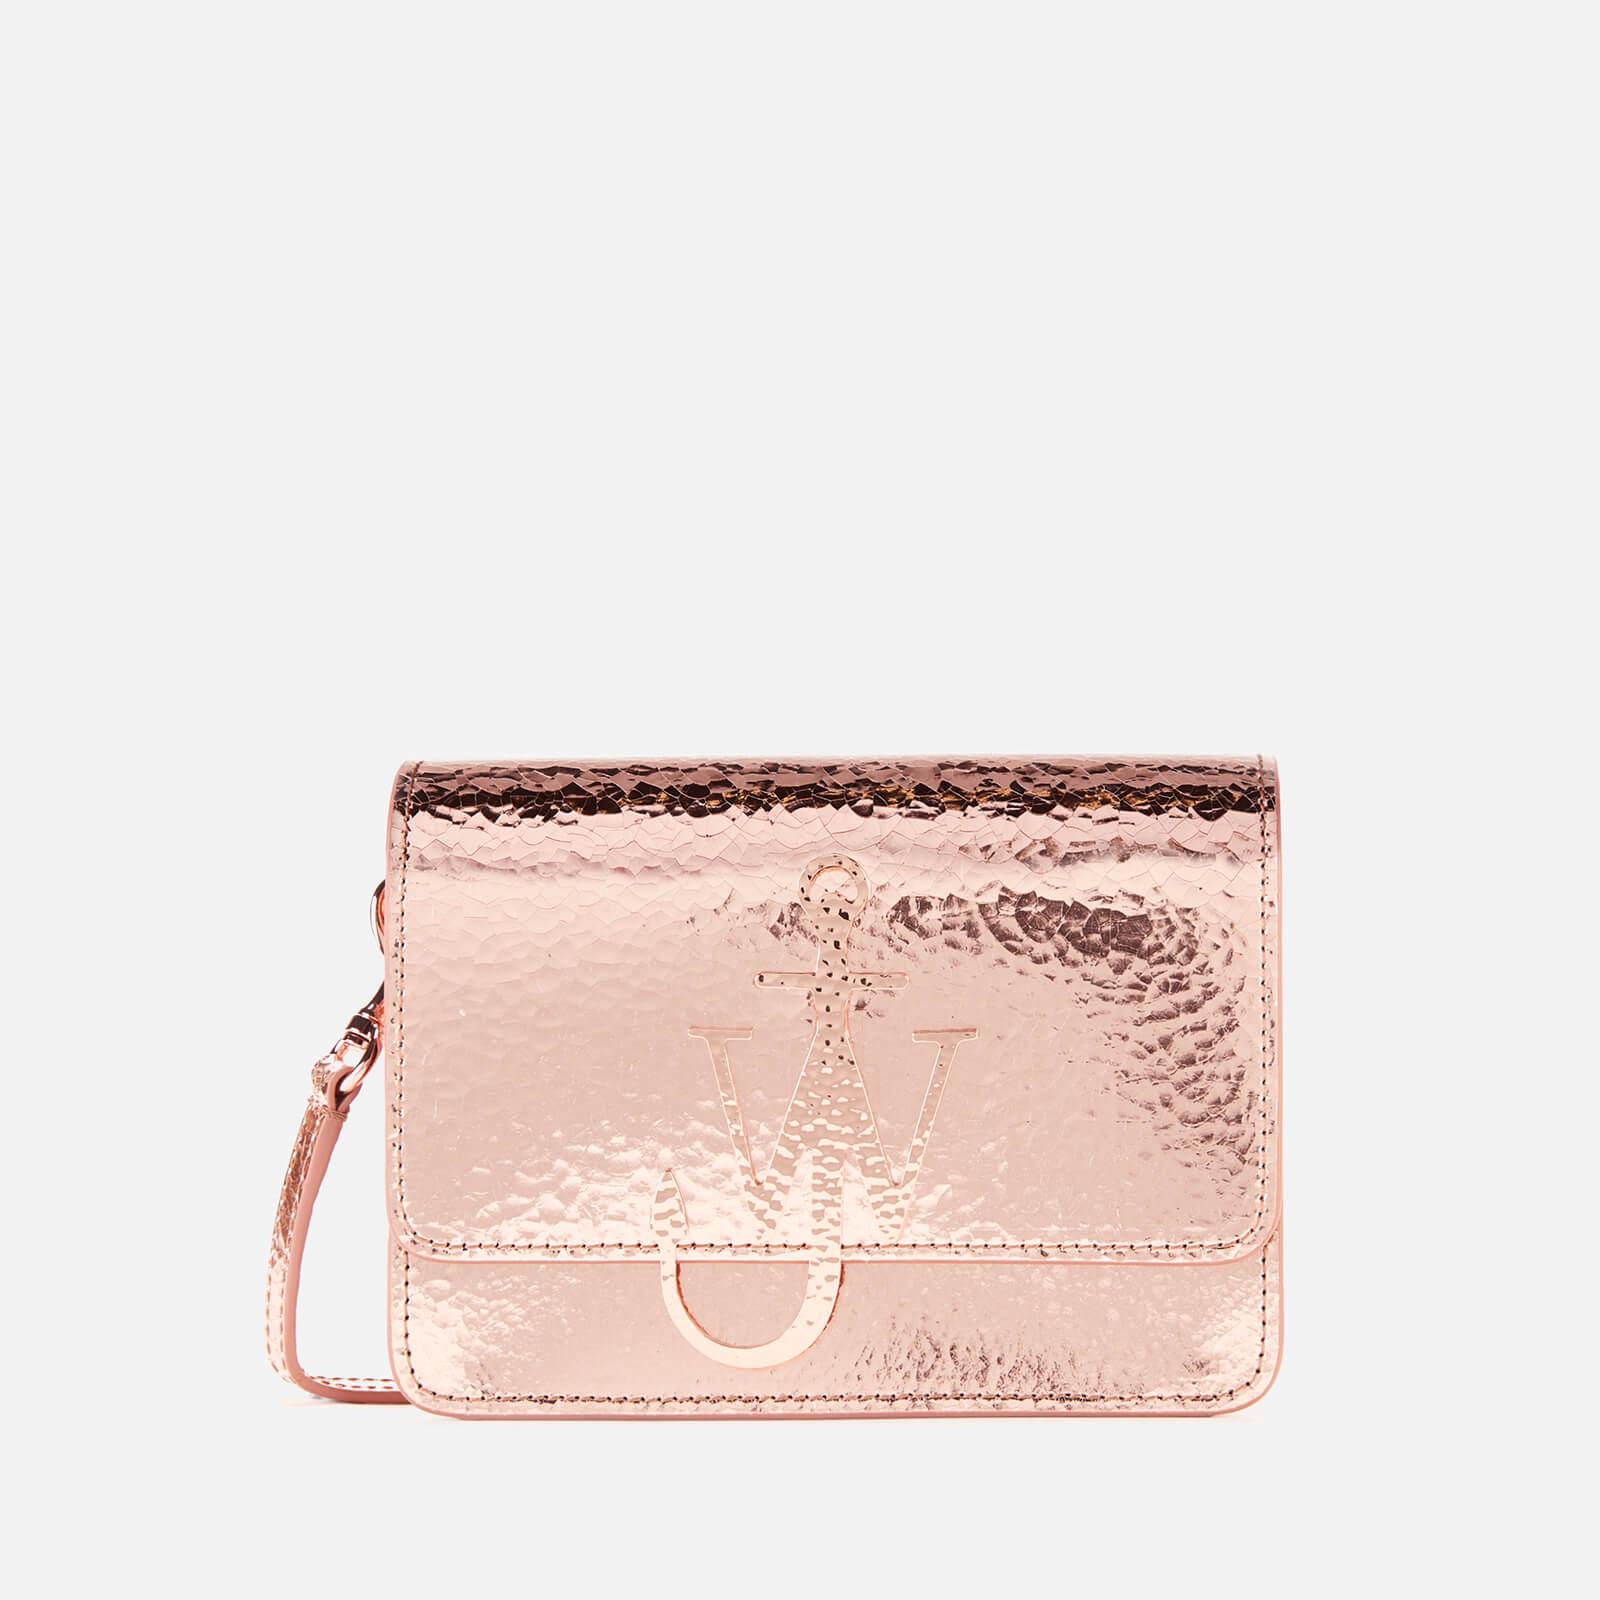 JW Anderson Women's Logo Bag - Copper